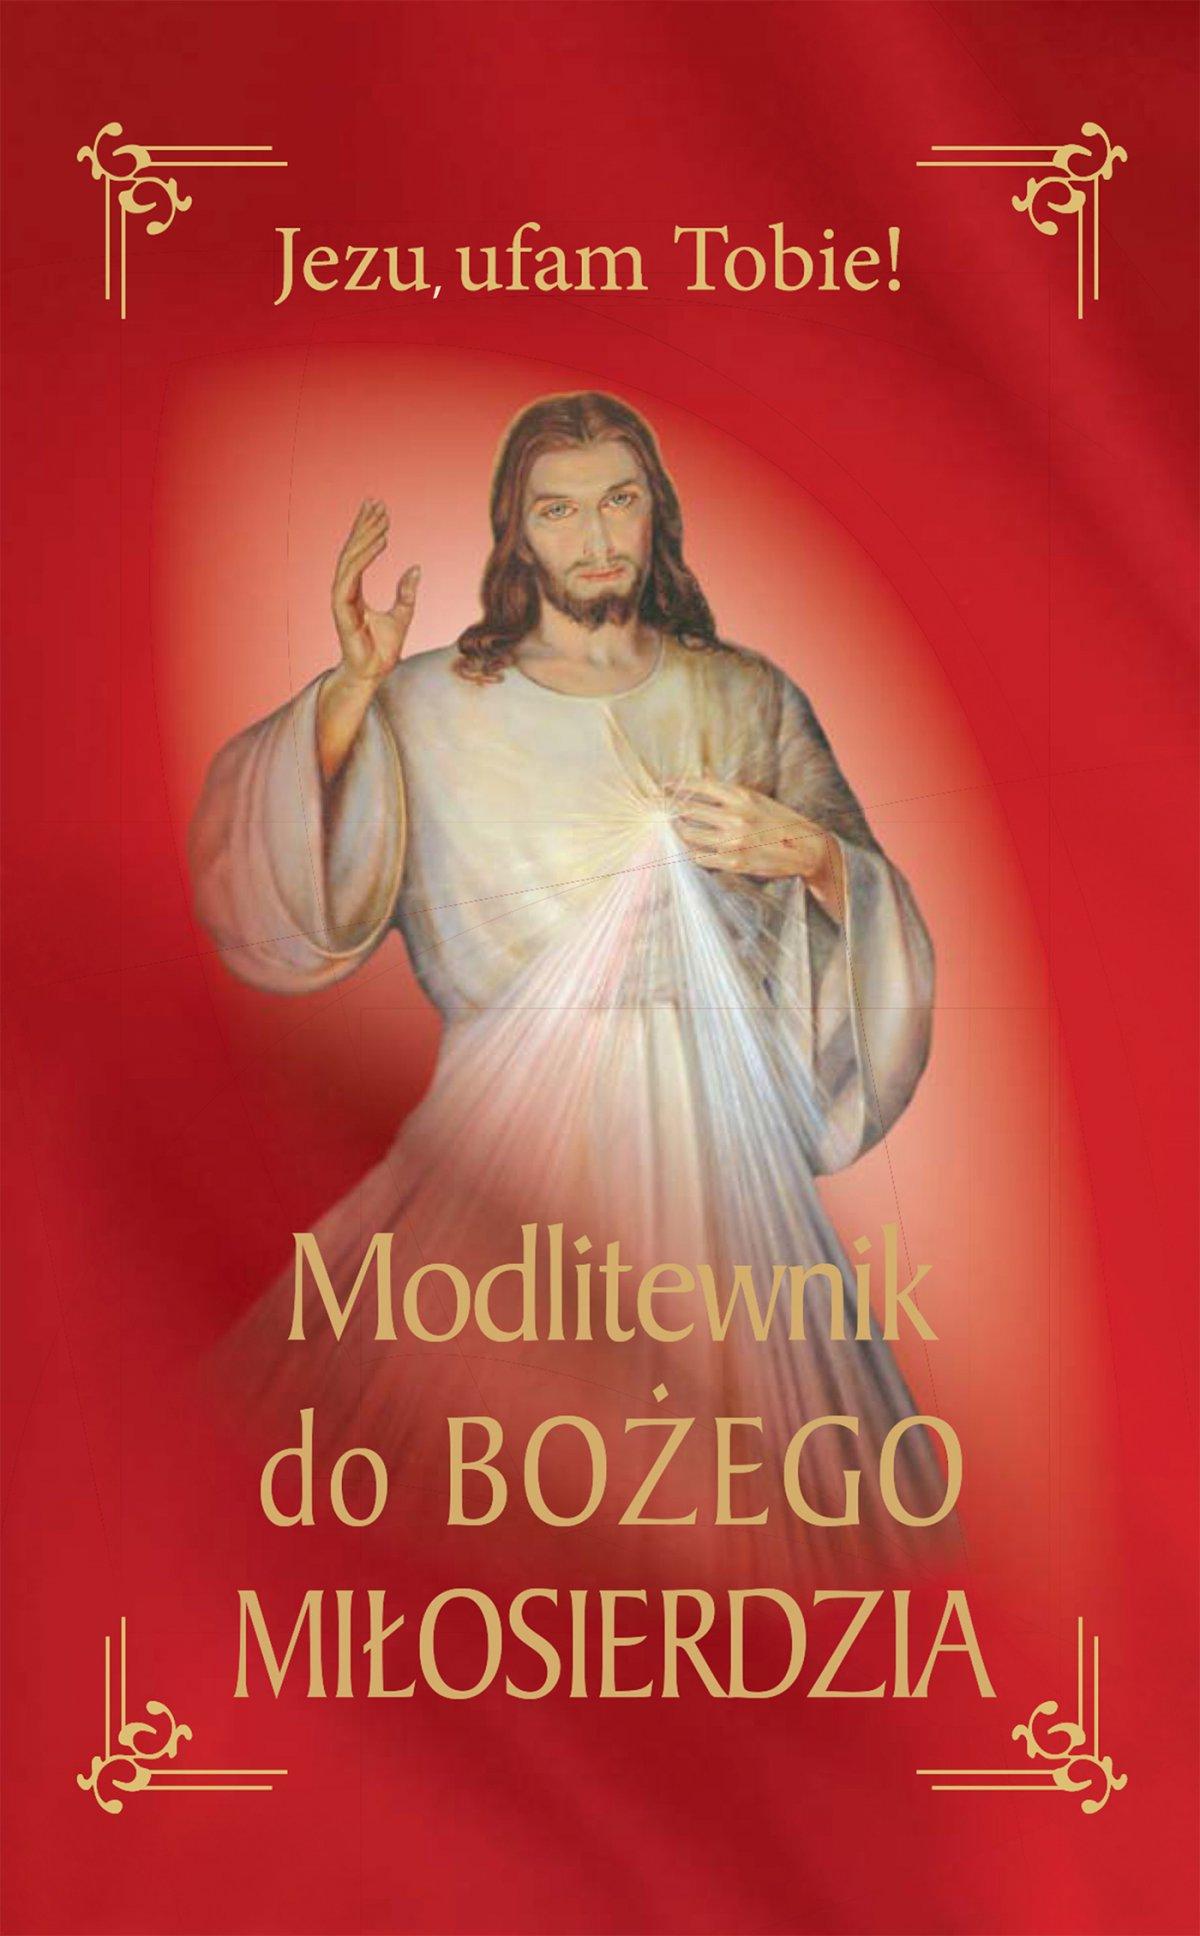 Modlitewnik do Bożego miłosierdzia - Ebook (Książka PDF) do pobrania w formacie PDF